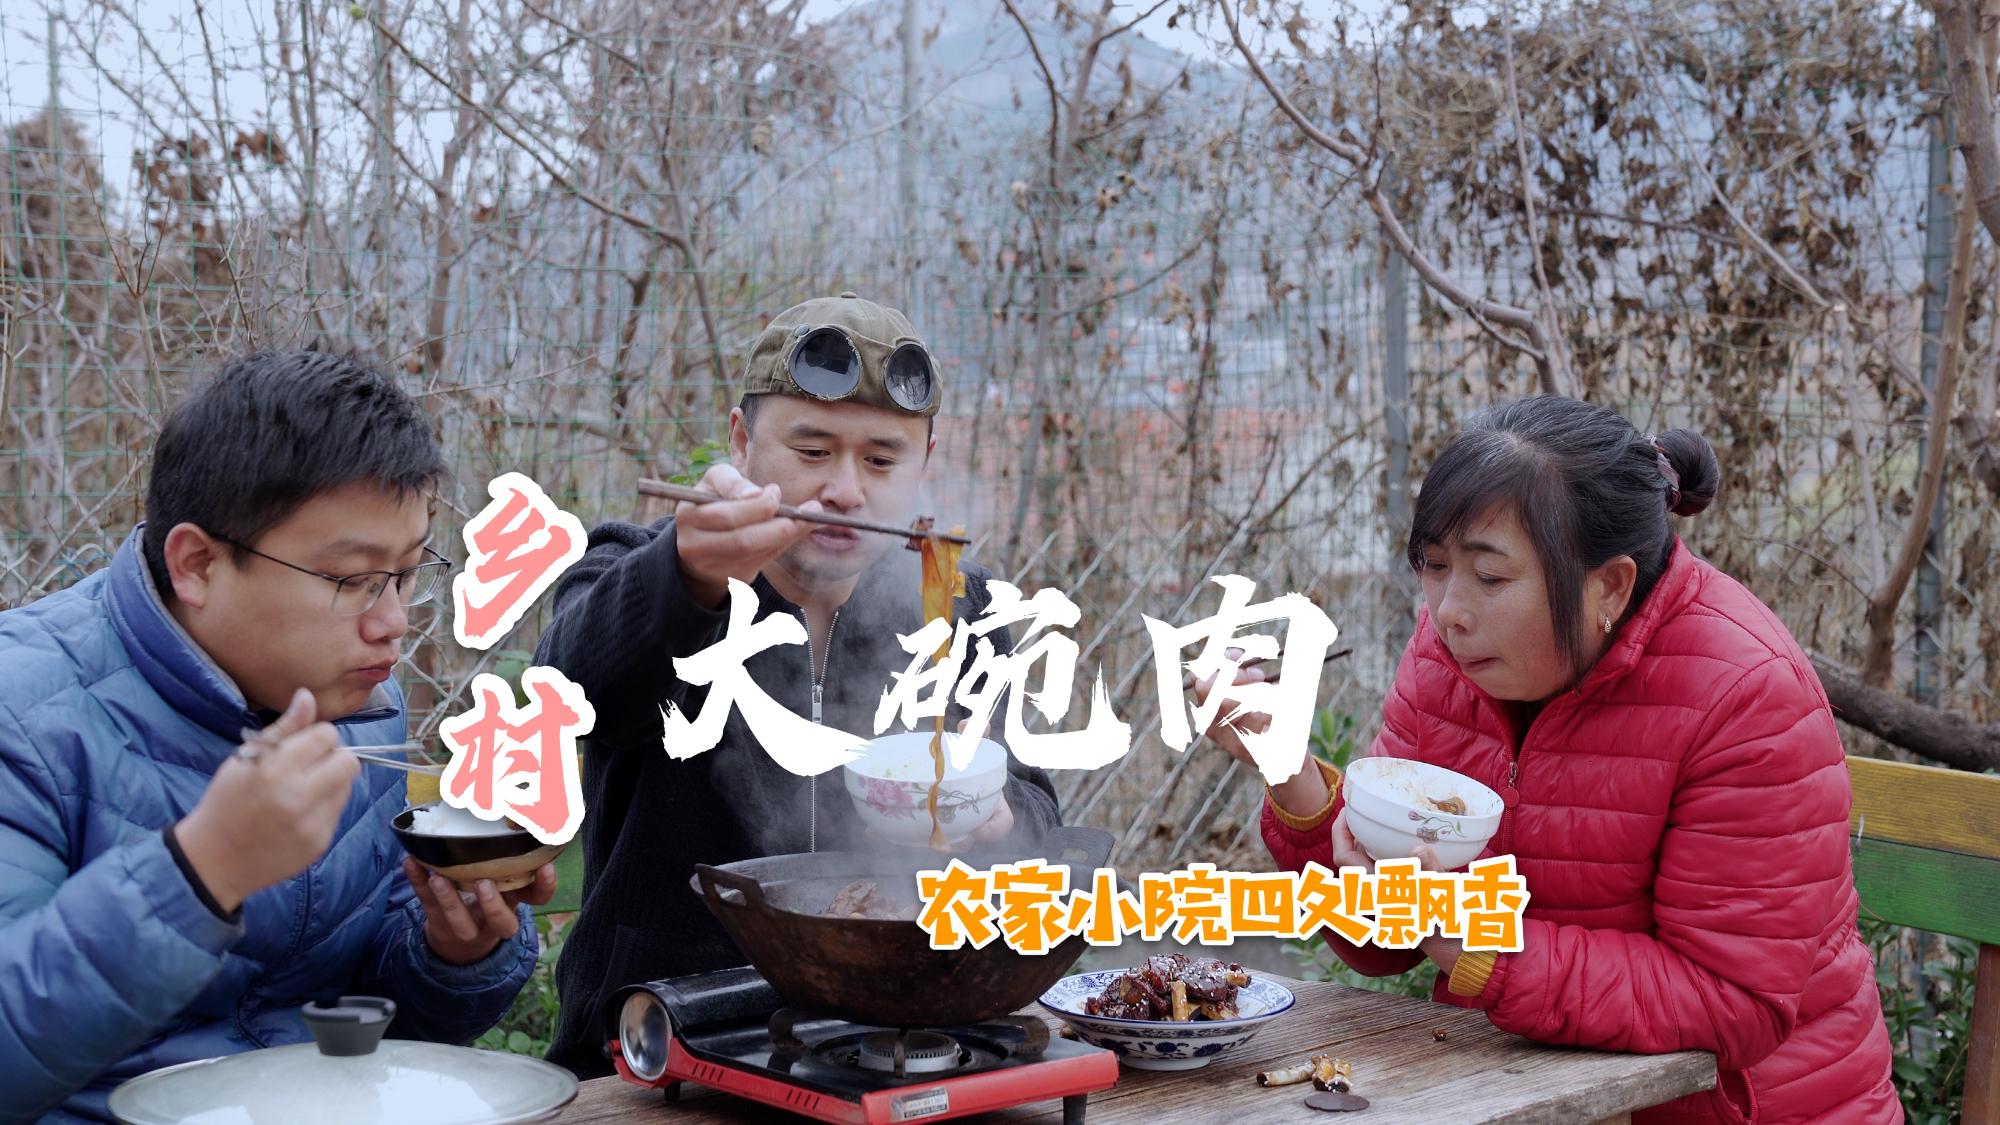 """传说中的""""乡村大碗肉"""",加上点蘑菇,天冷炖上一锅,吃着真带劲"""